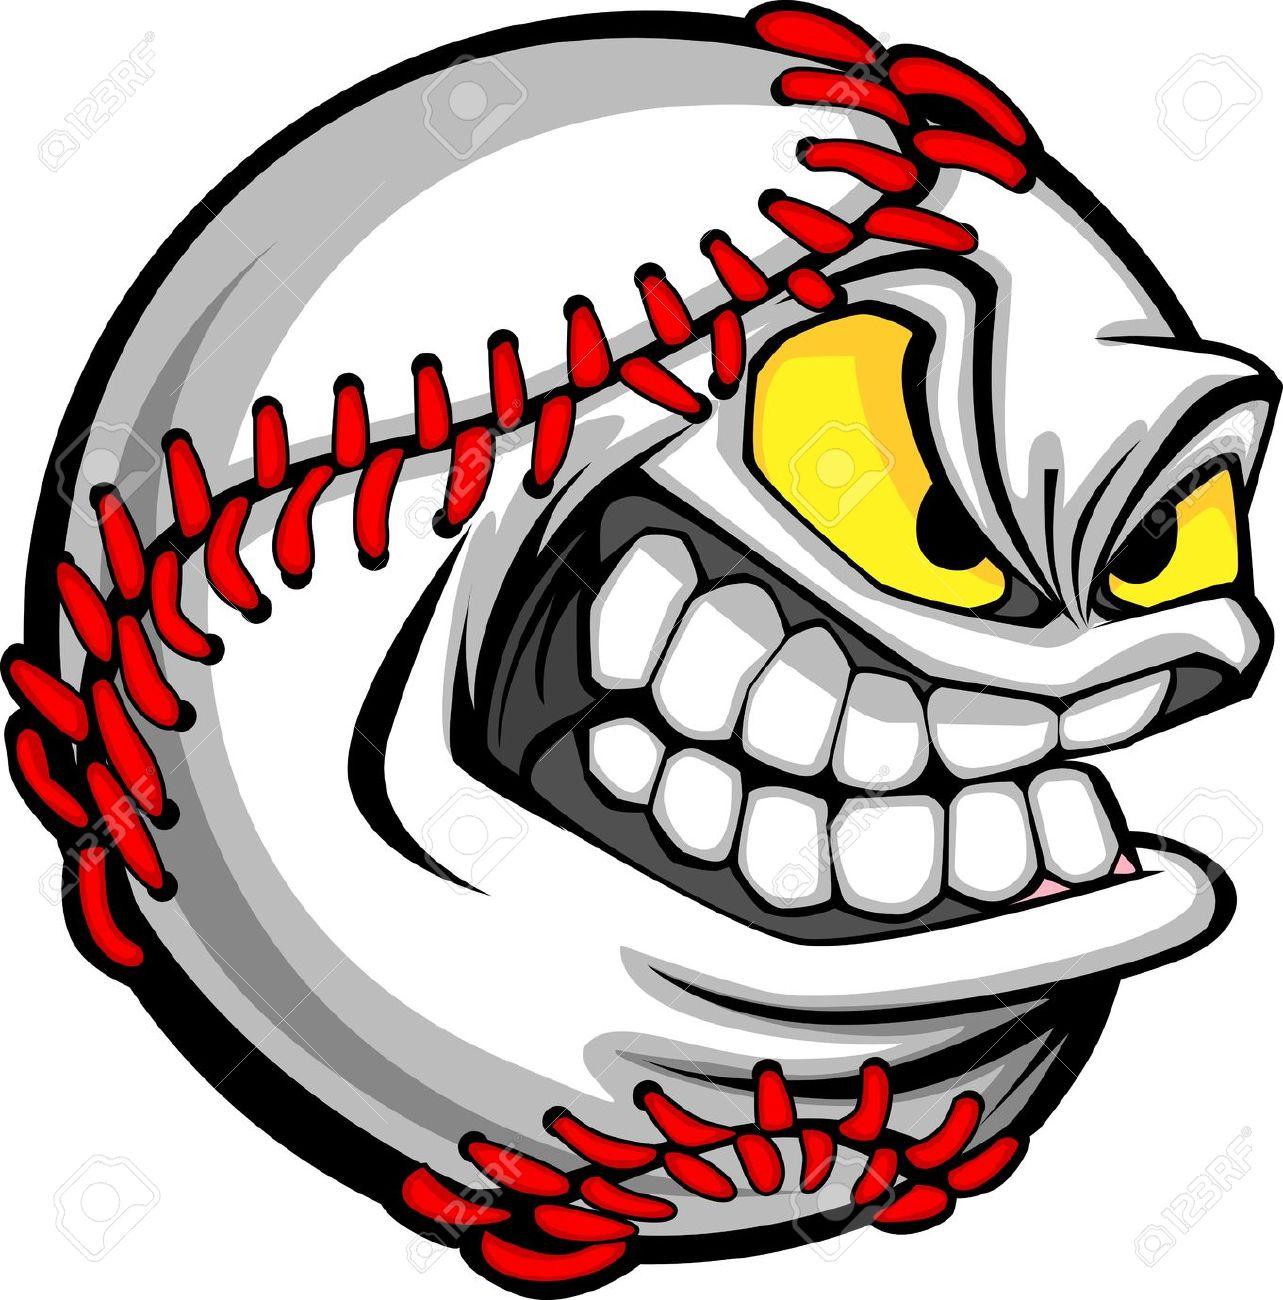 Angry clipart baseball. Ball